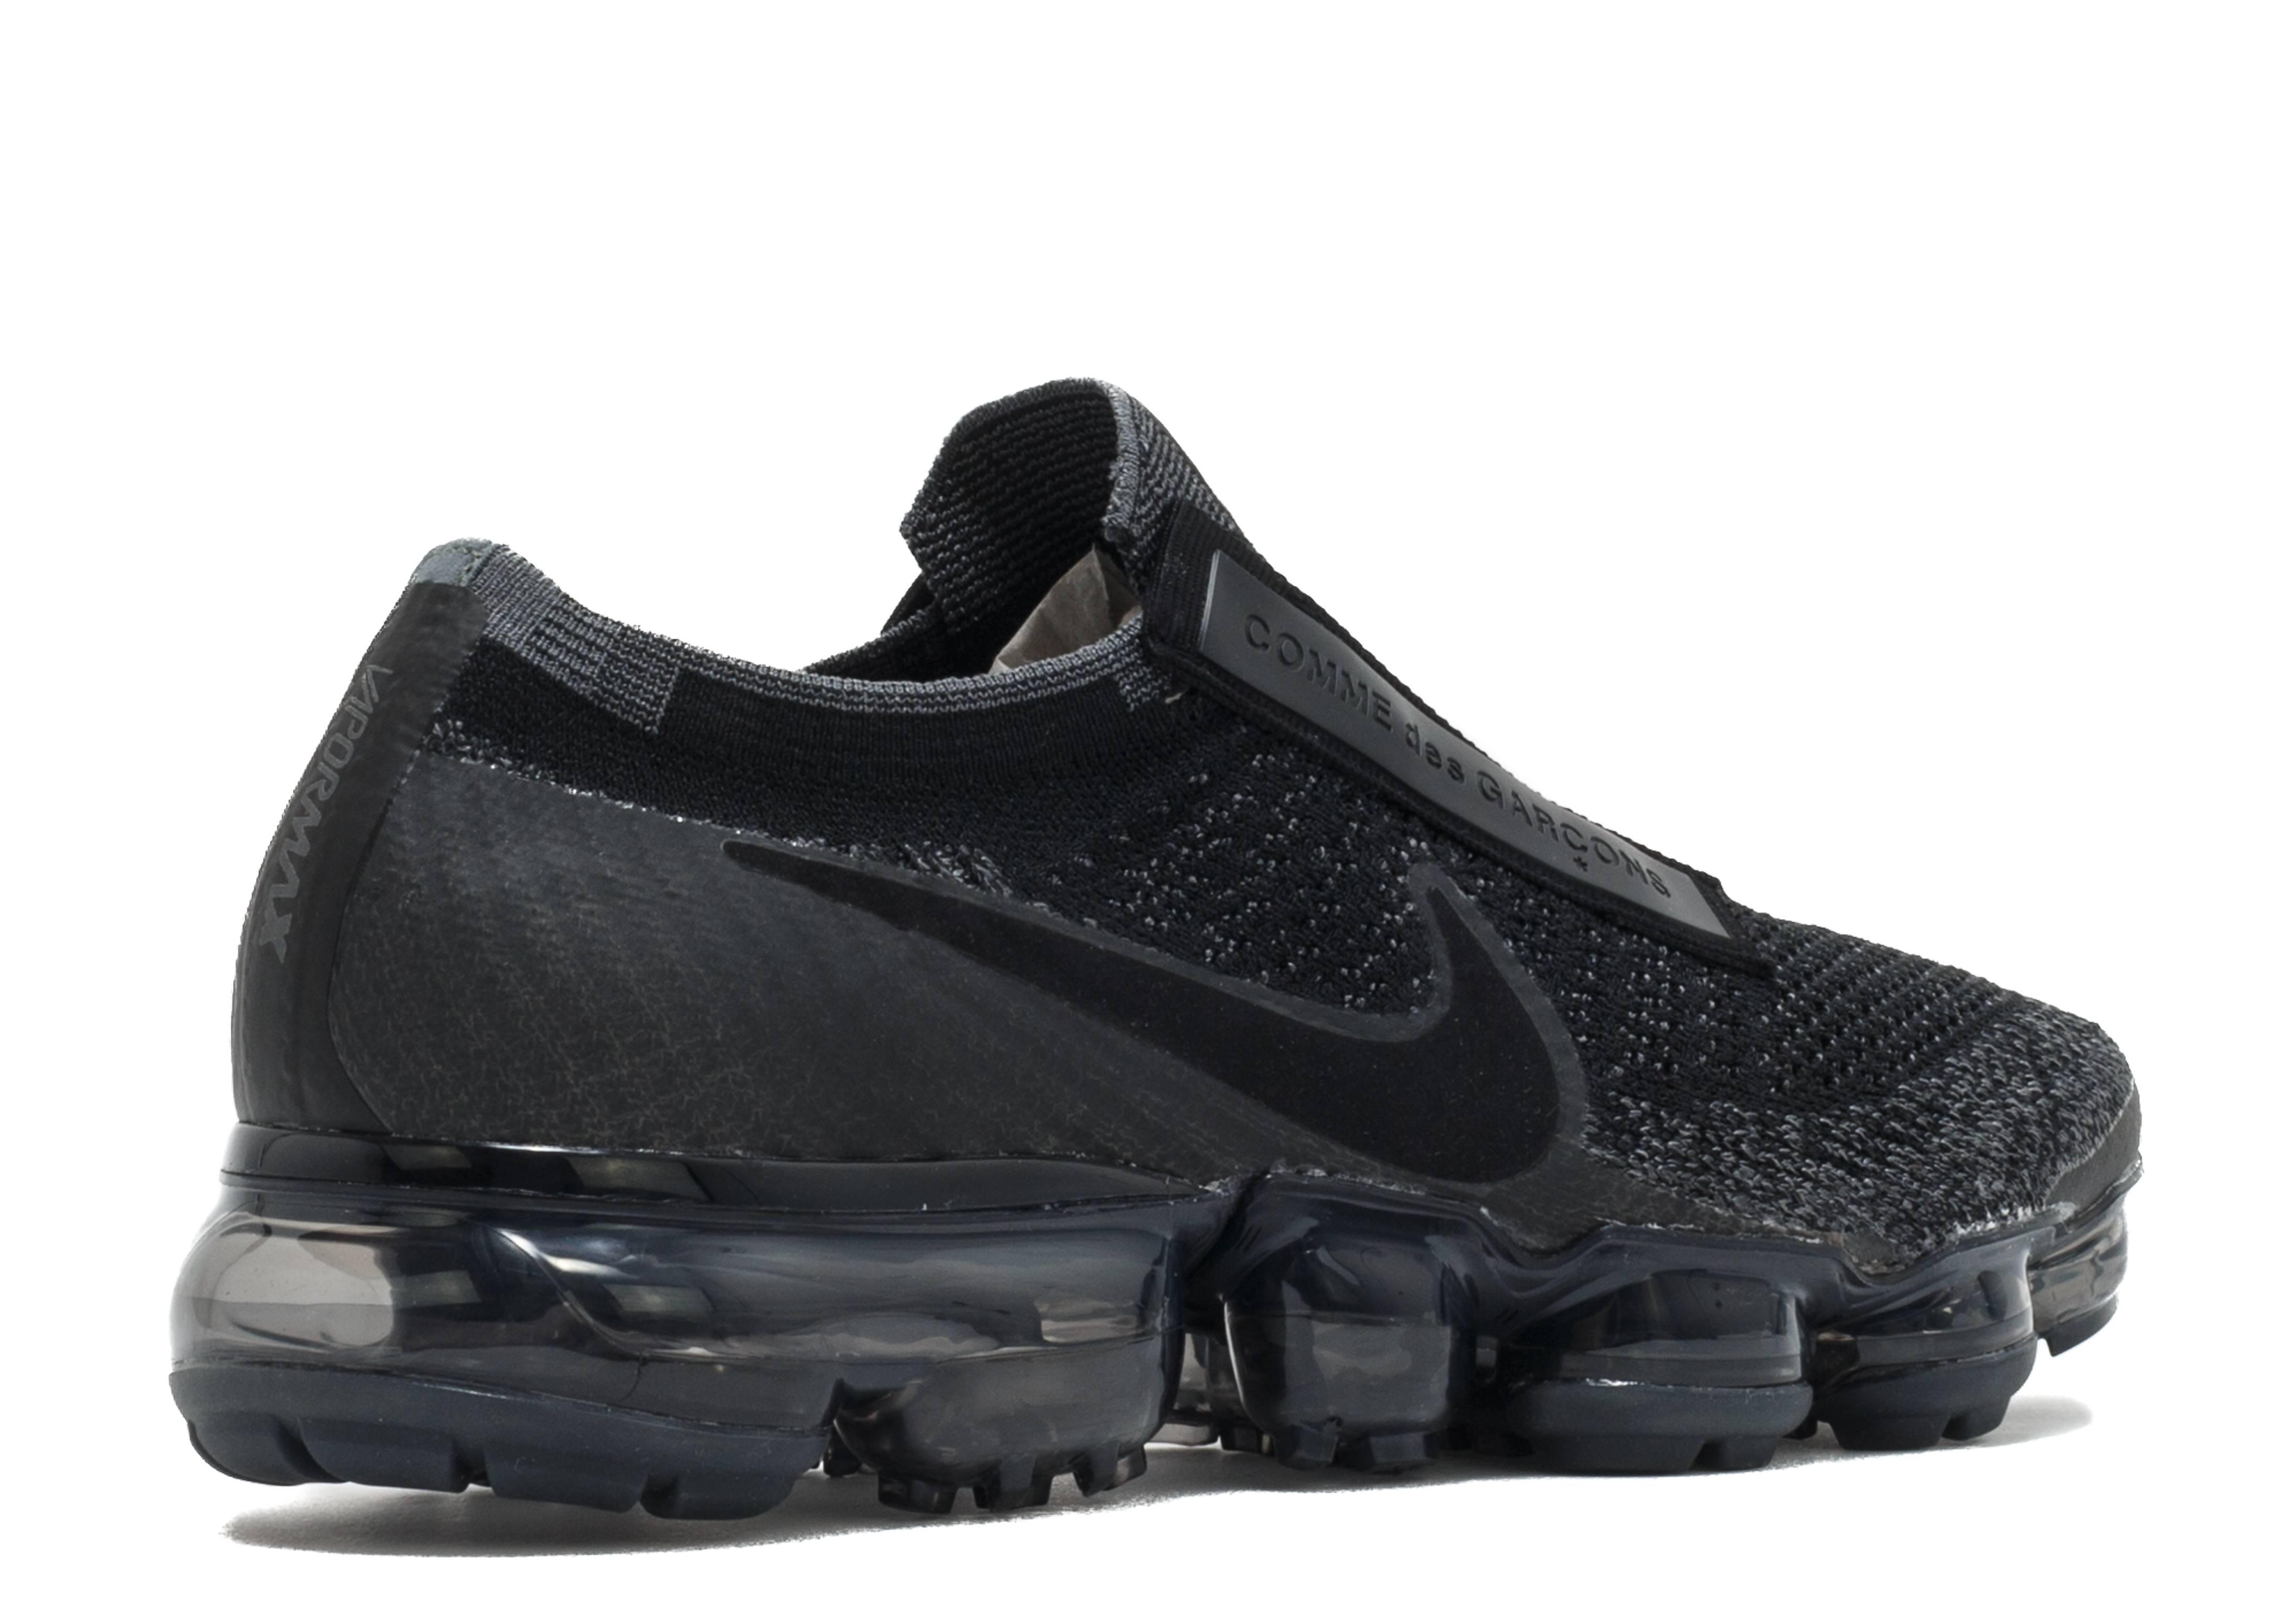 c8dc655d17a9b Nike Air VaporMax Flyknit SE Laceless No Strings Black Size 105